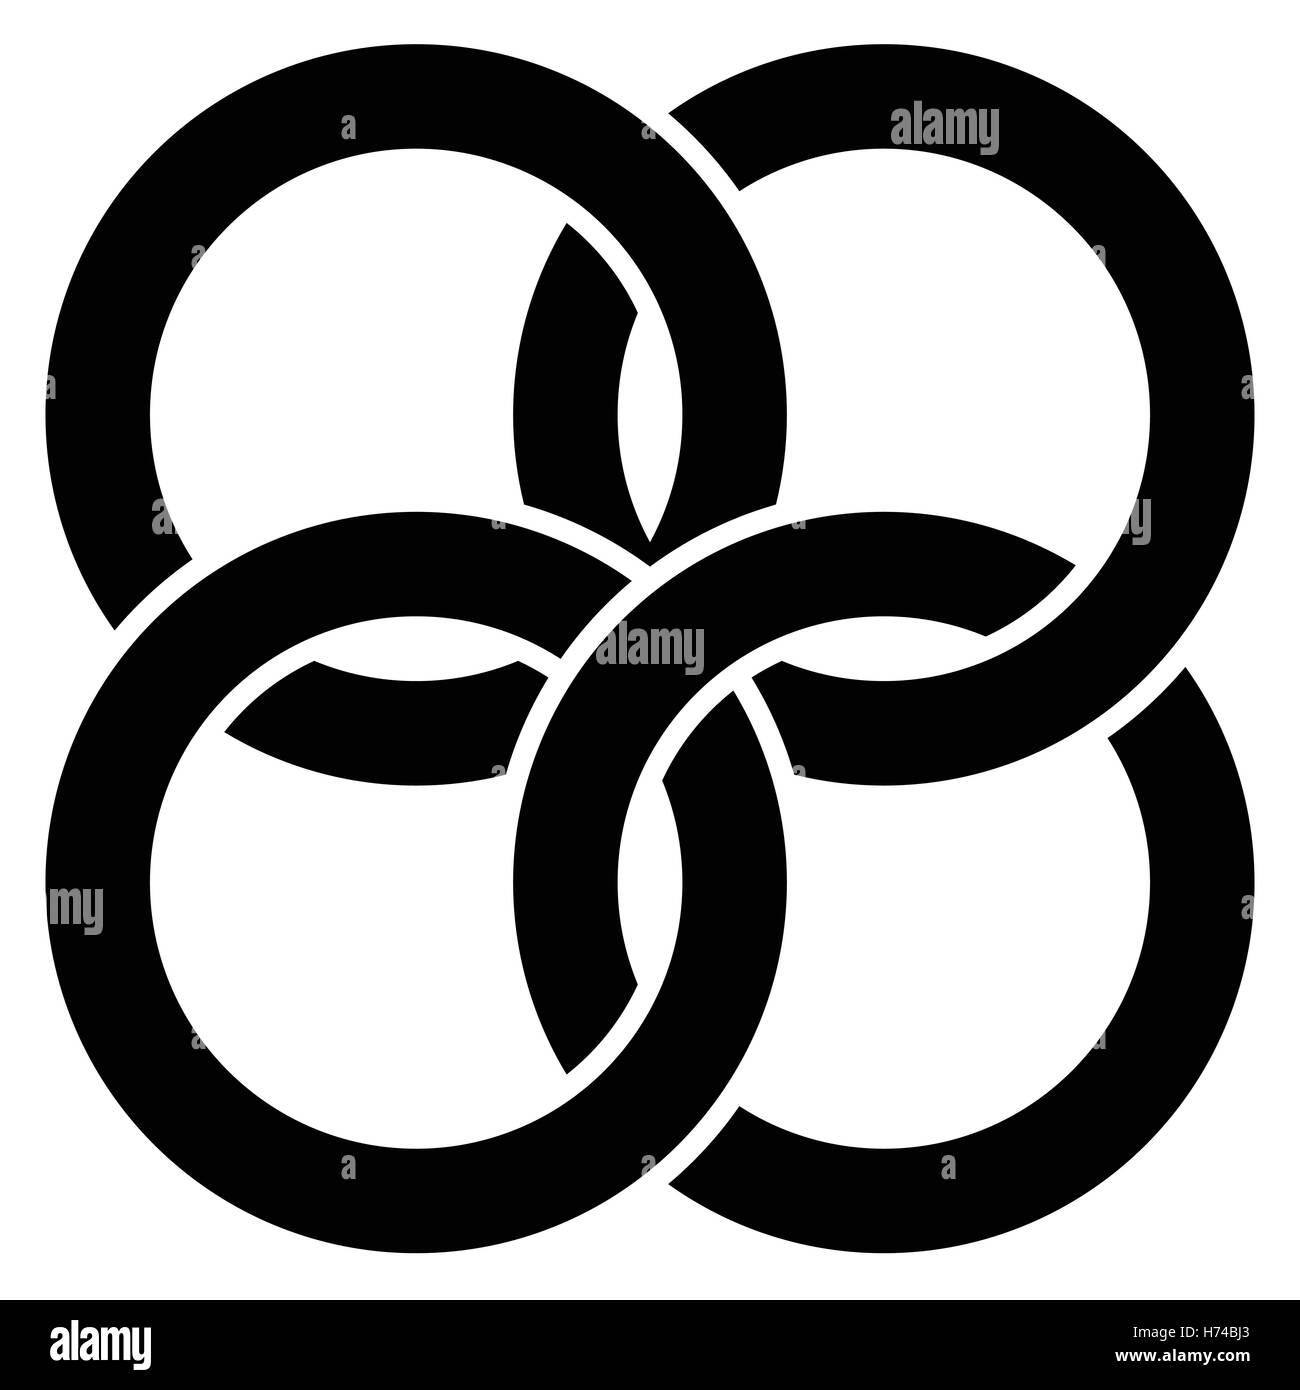 Ineinandergreifende Kreise, Ringe abstrakten Symbol ...